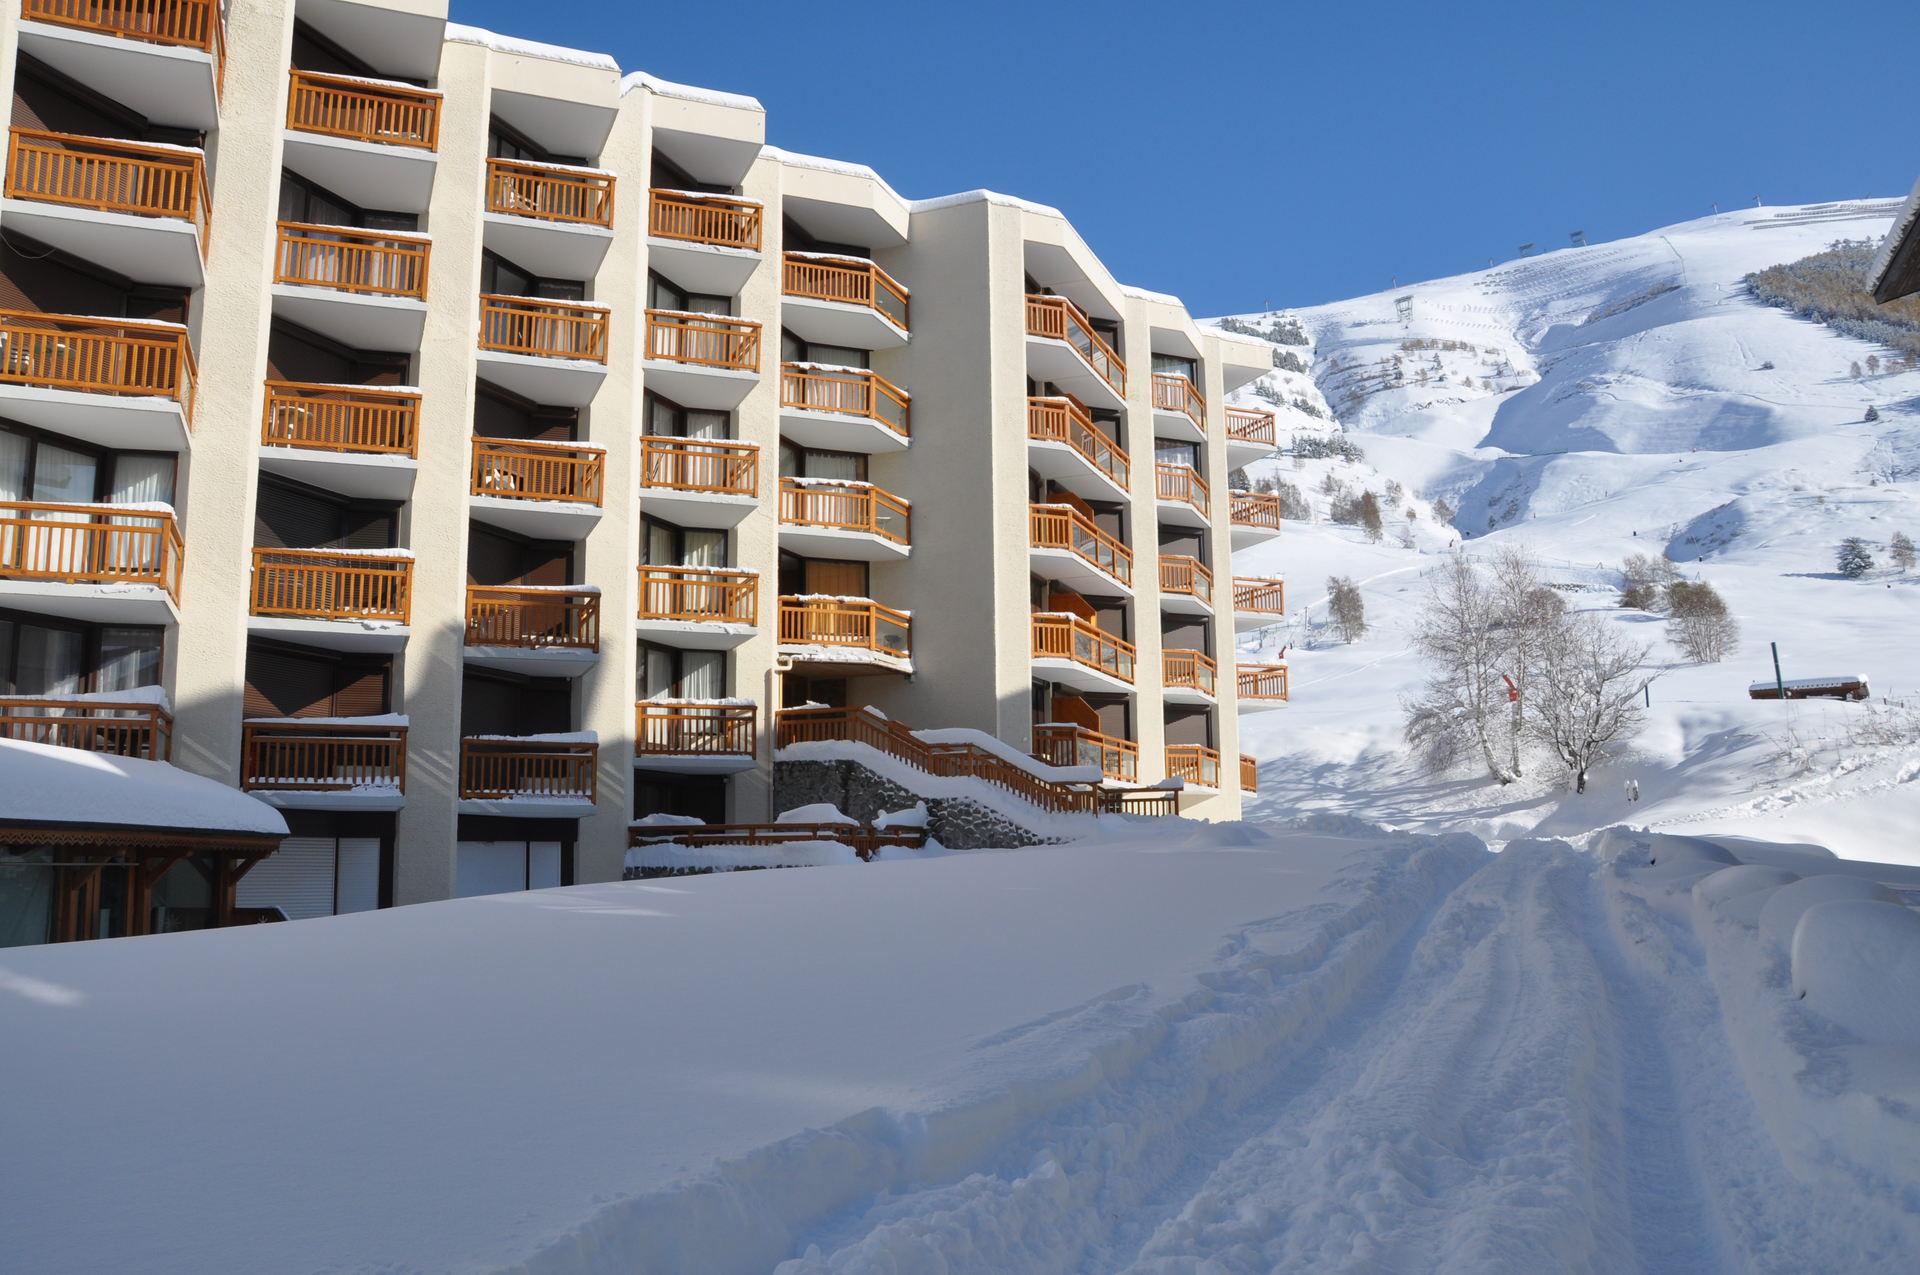 3300 - Les 2 Alpes